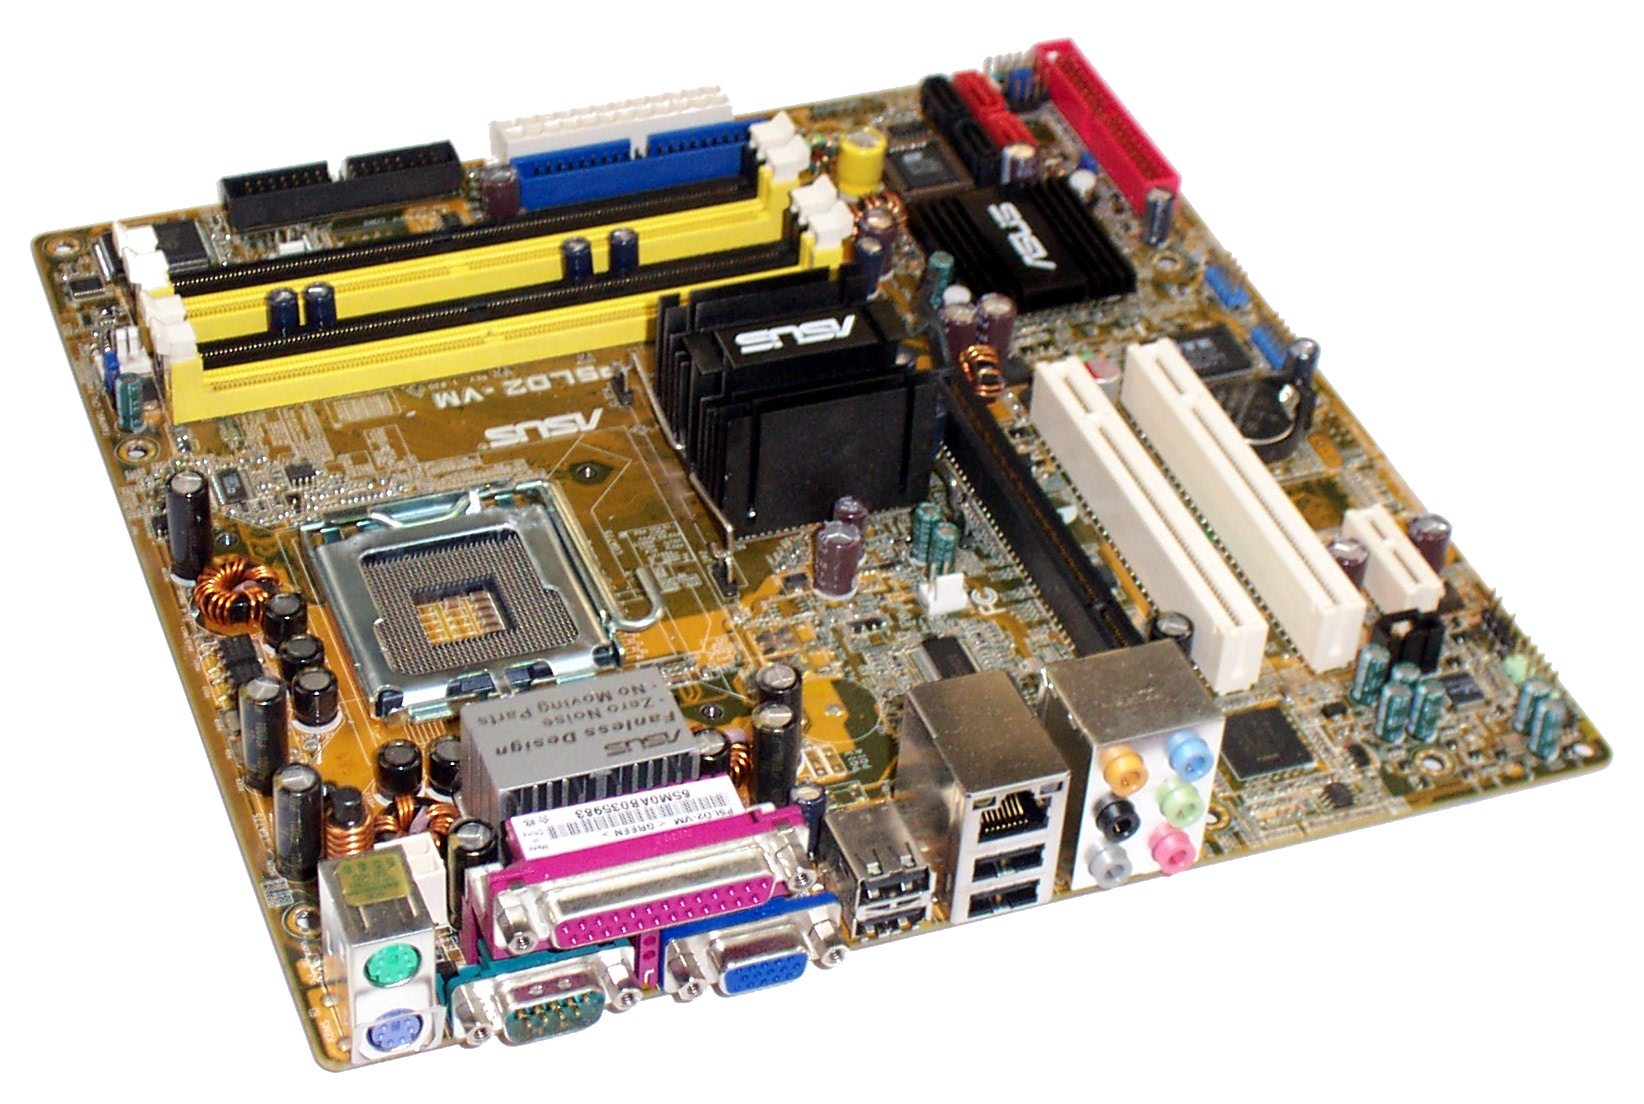 Asus P5LD2-VM/S Rev. 3.00G Socket 775 Motherboard